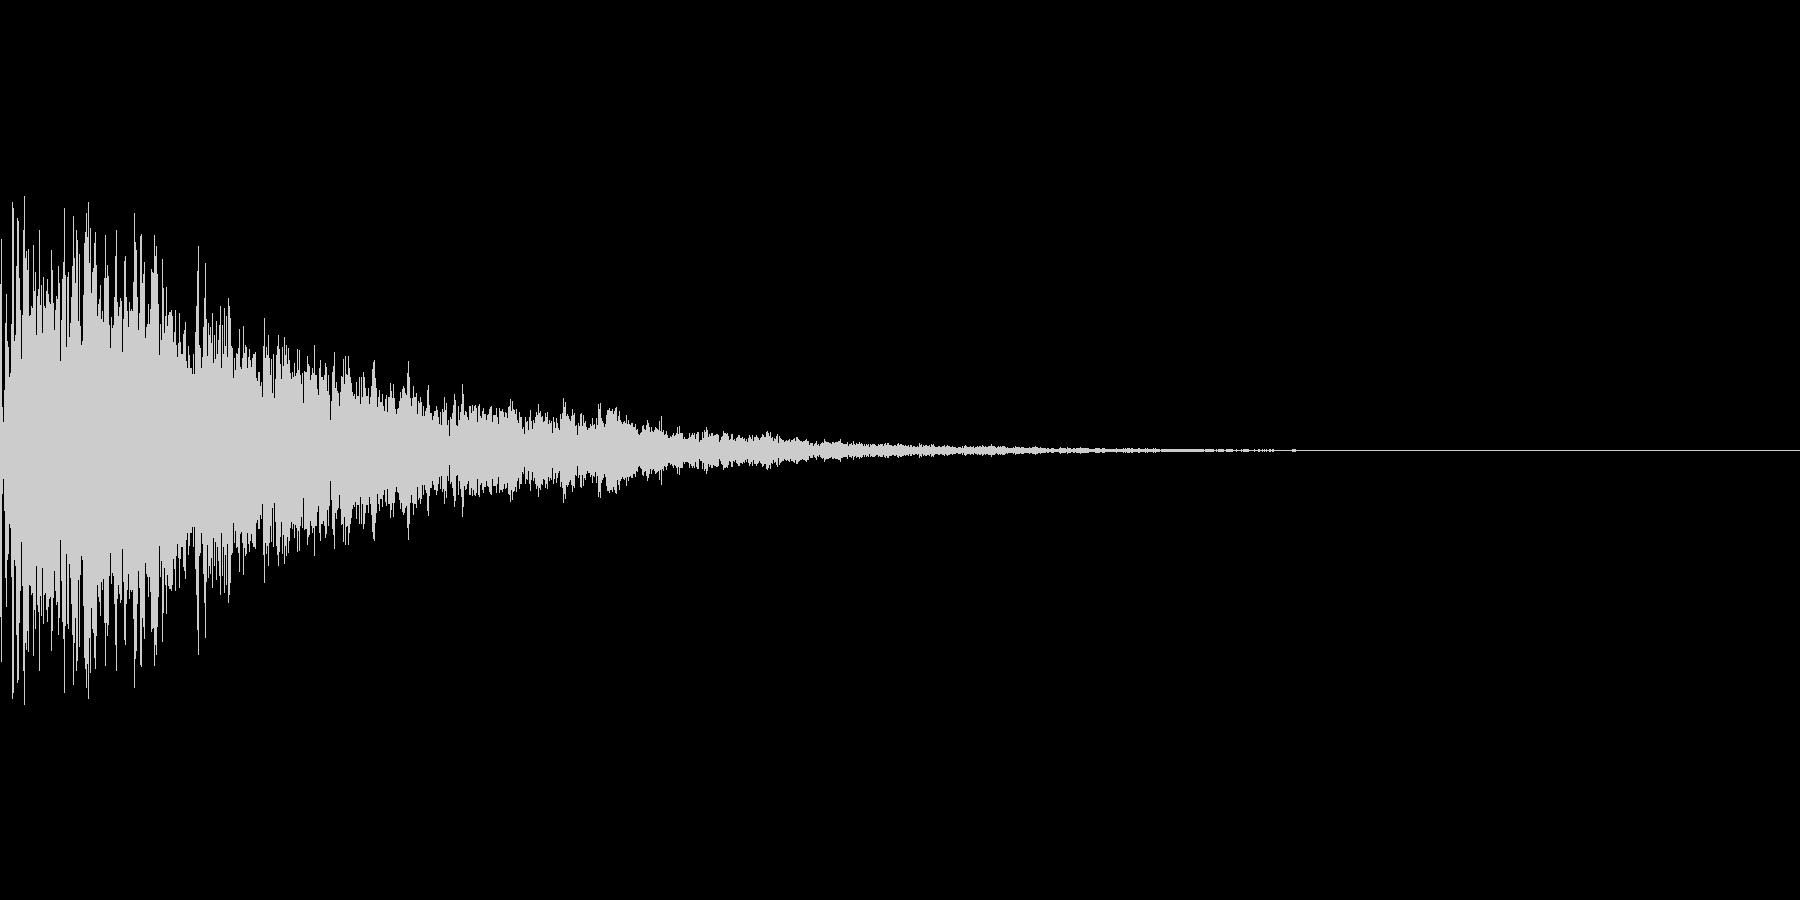 シュピーン キラーン 飛び込み 通販の未再生の波形